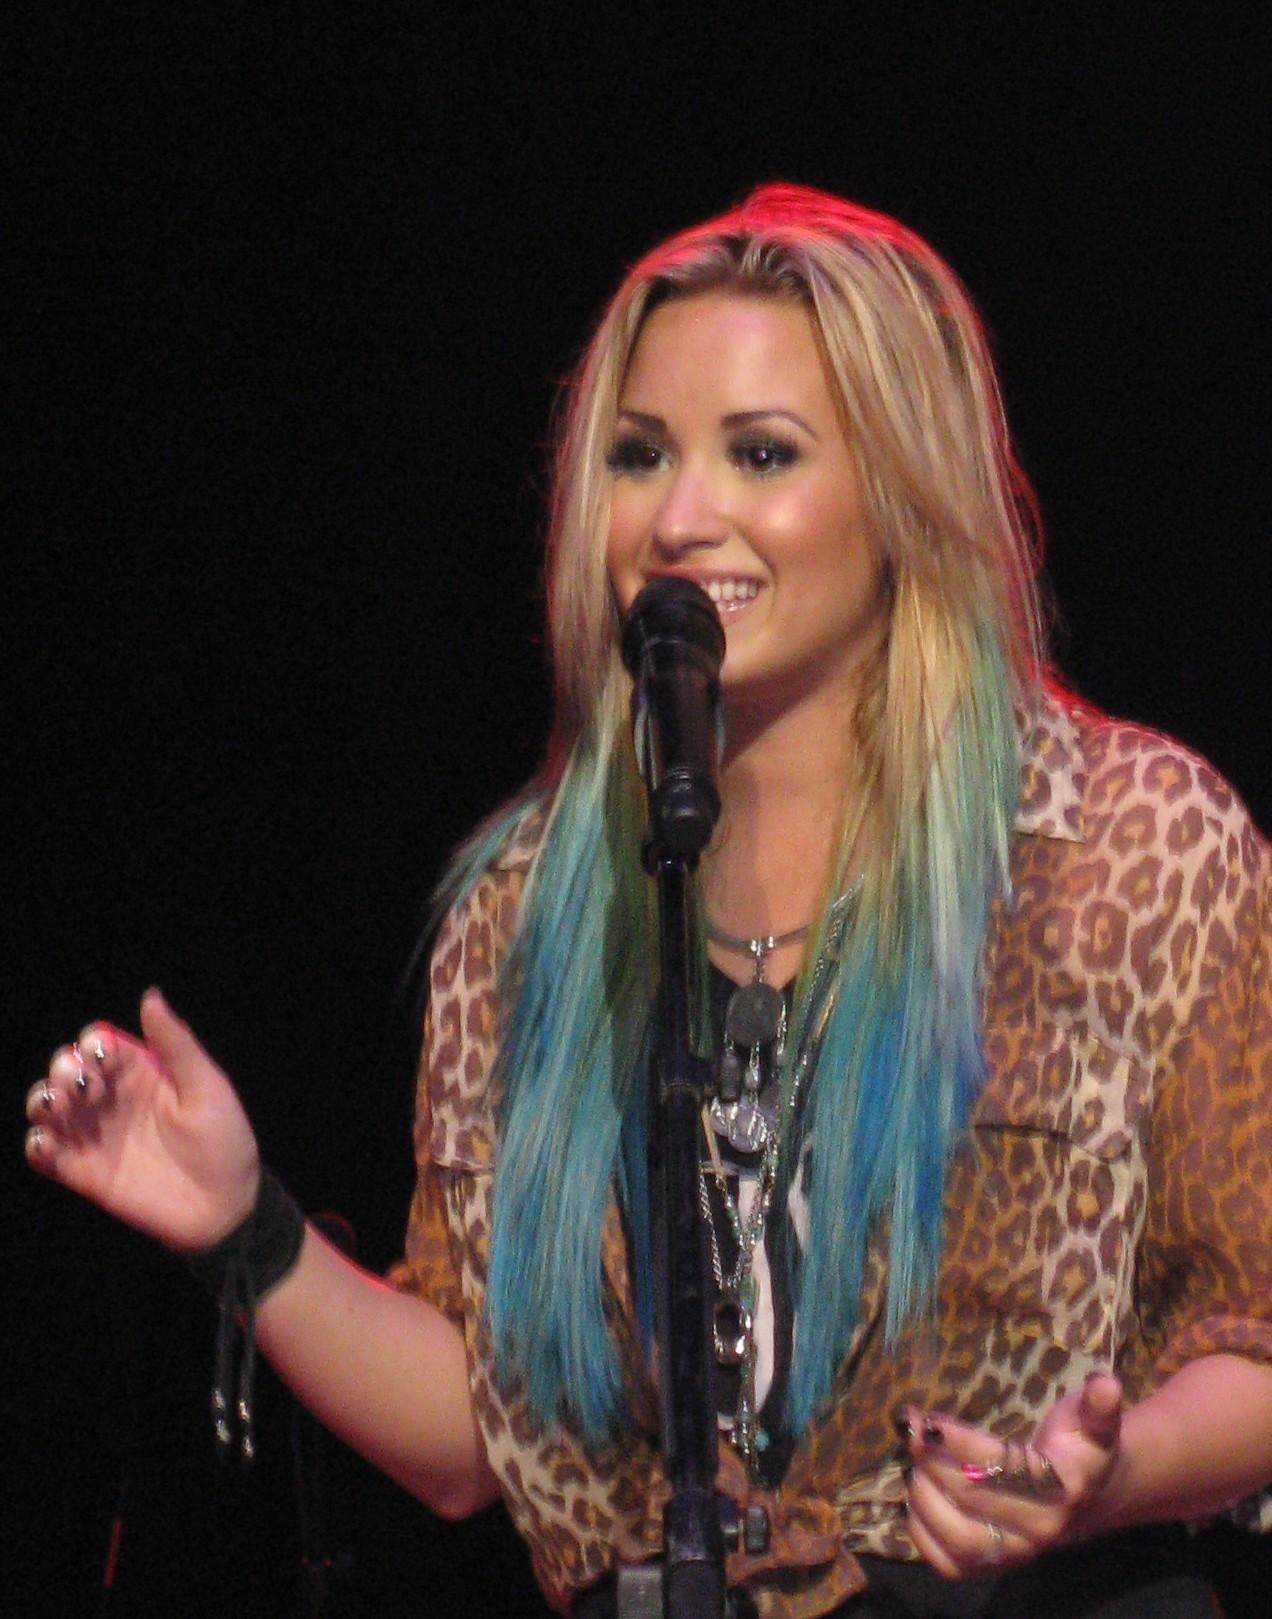 Hacker roba fotos de Demi Lovato -Atrevidas fotos ! - YouTube